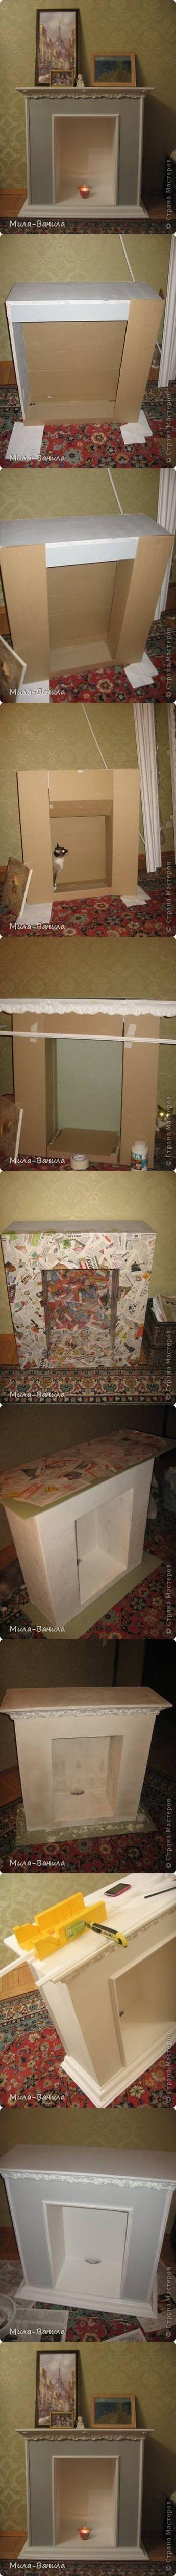 Envie d'une cheminée? Suivez ce tuto: avec du carton et de l'imagination pour une déco personnelle .!!!Juste des bougies (on évite l'incendie) et hop votre séjour est transformé !!!